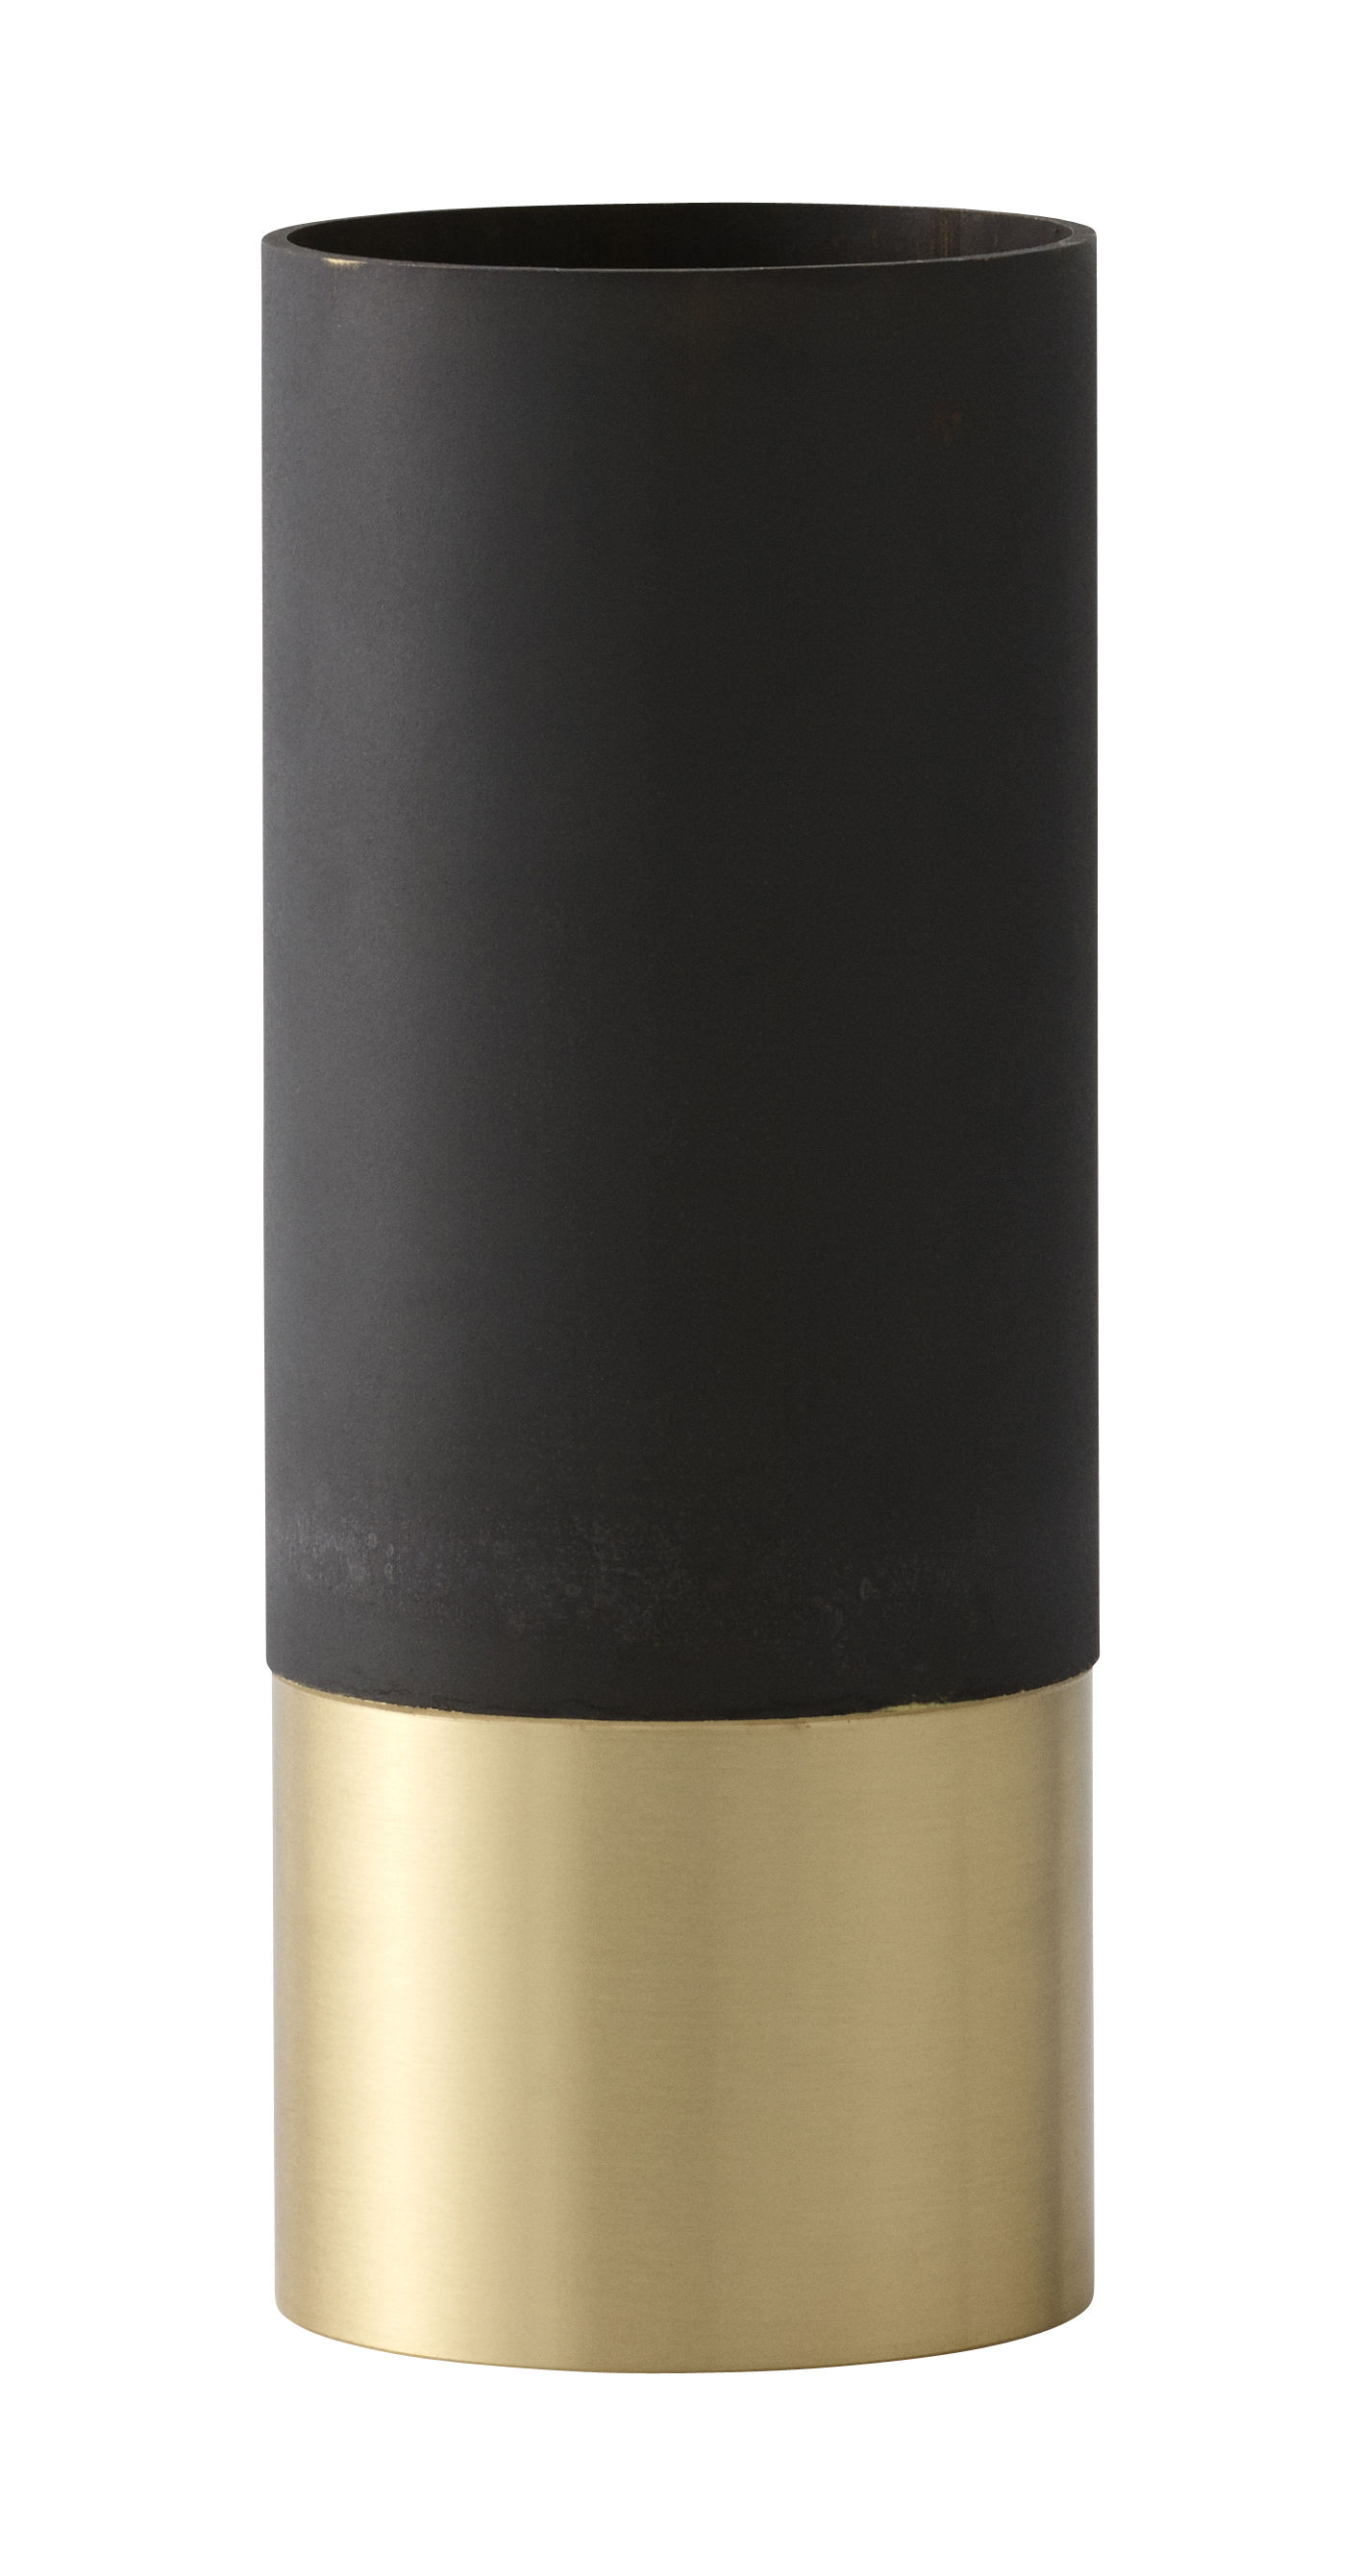 Déco - Vases - Vase True Colour LP6 / Laiton - Ø 6,5 x  H 16 cm - &tradition - Laiton & noir - Laiton